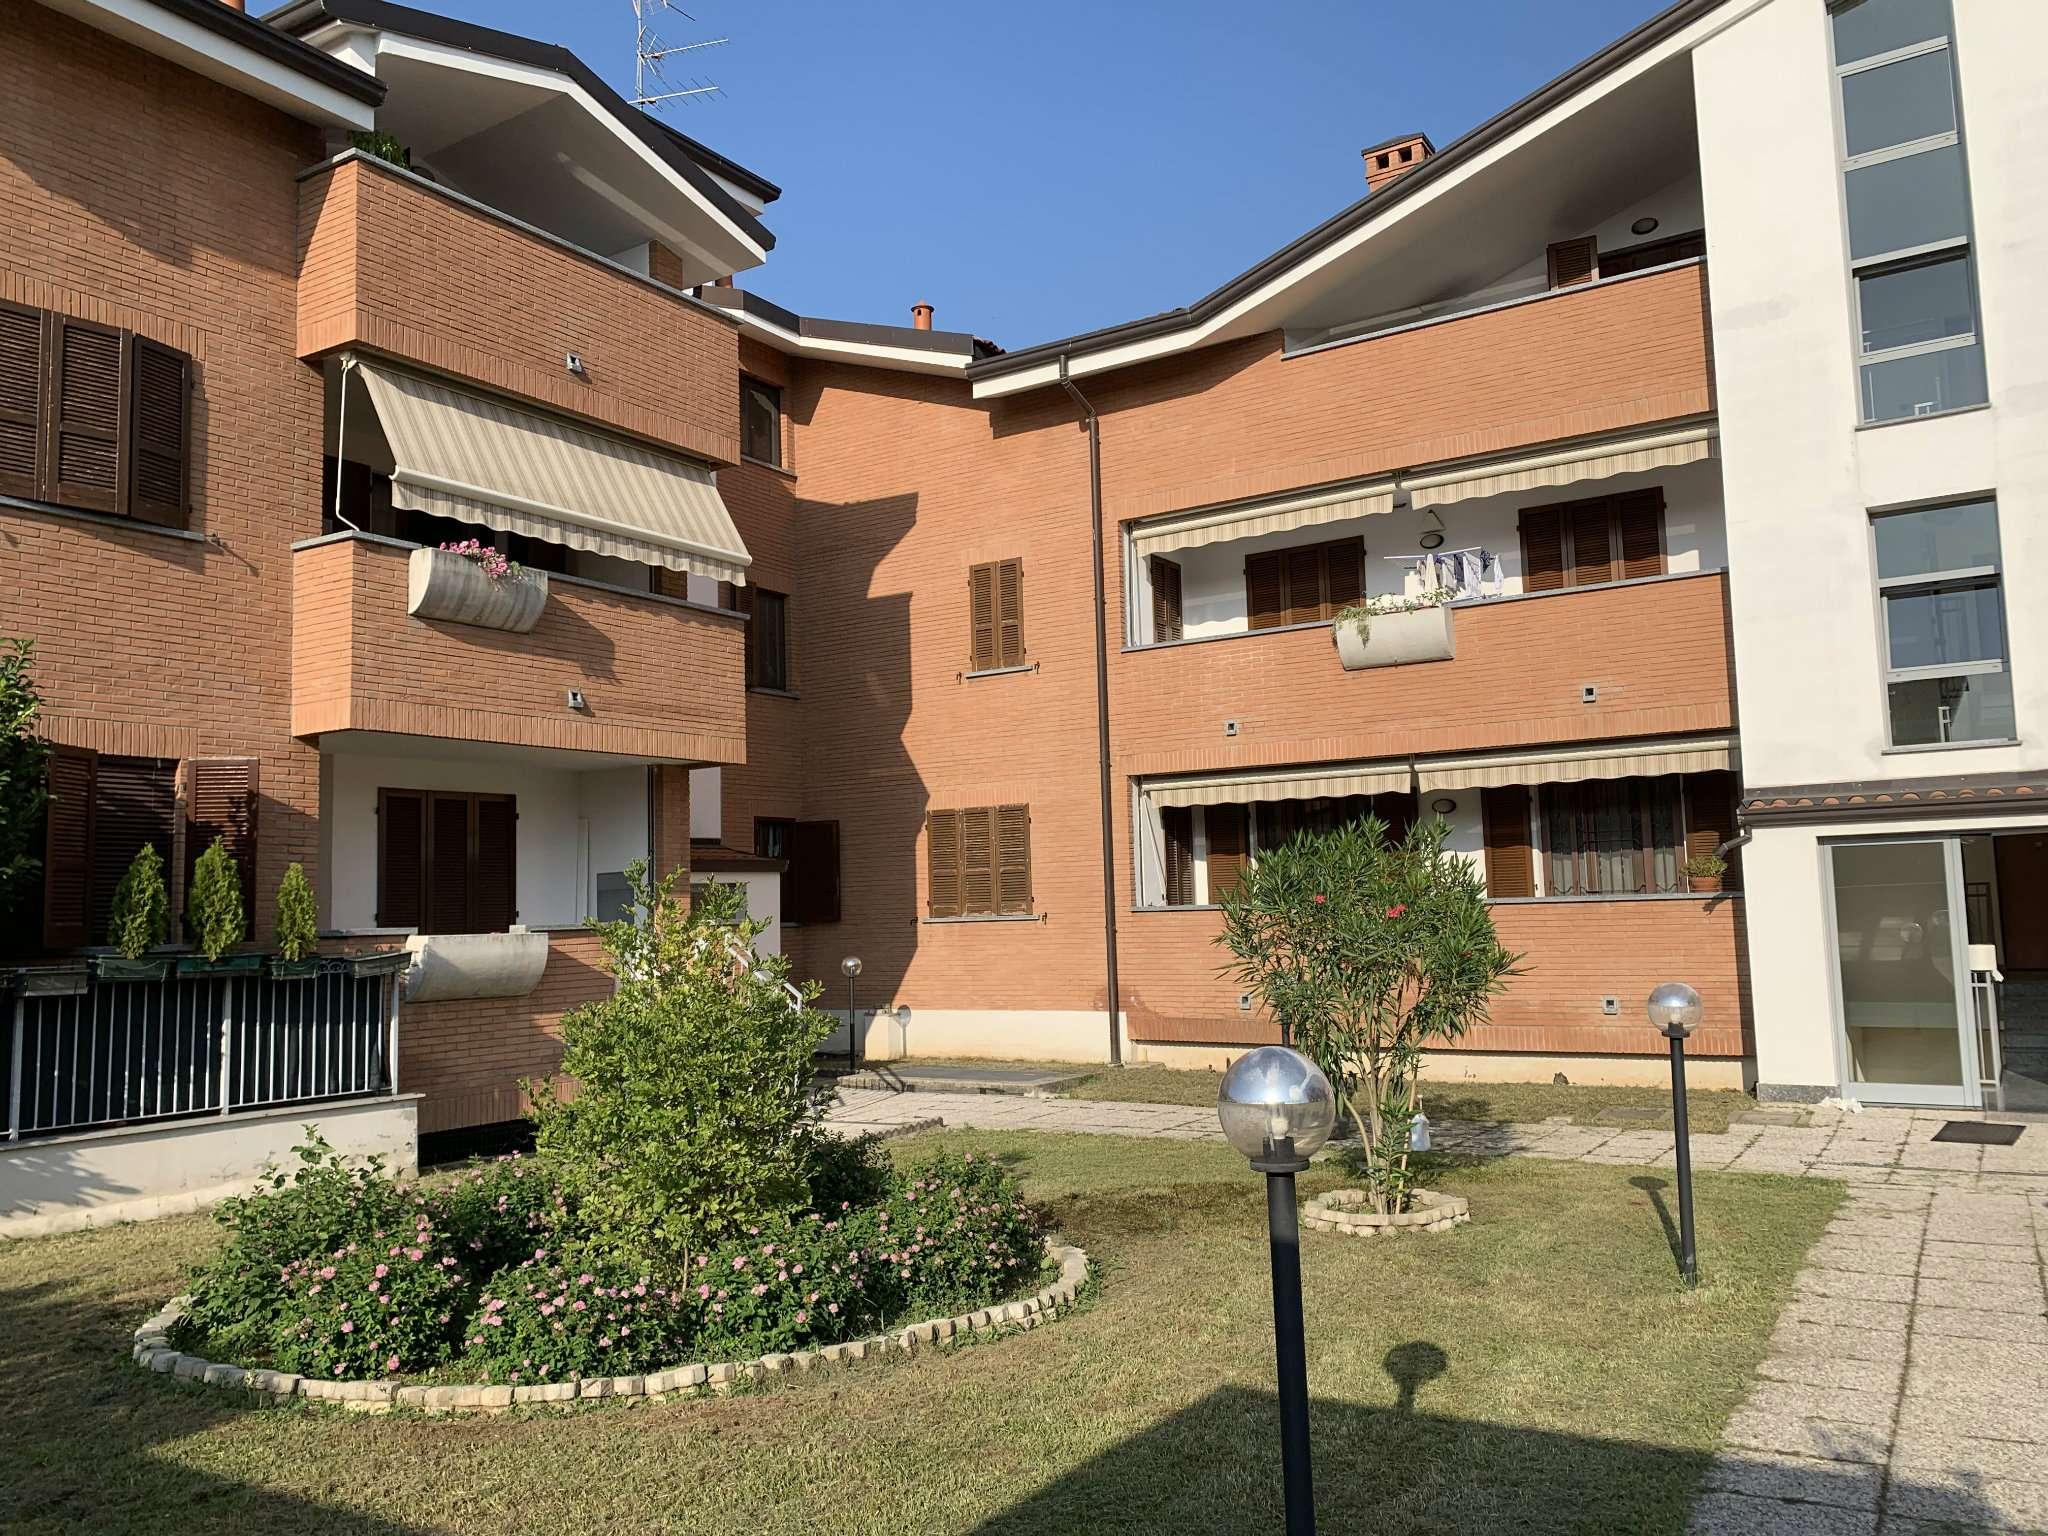 Appartamento in vendita a Caronno Pertusella, 2 locali, prezzo € 107.000 | PortaleAgenzieImmobiliari.it